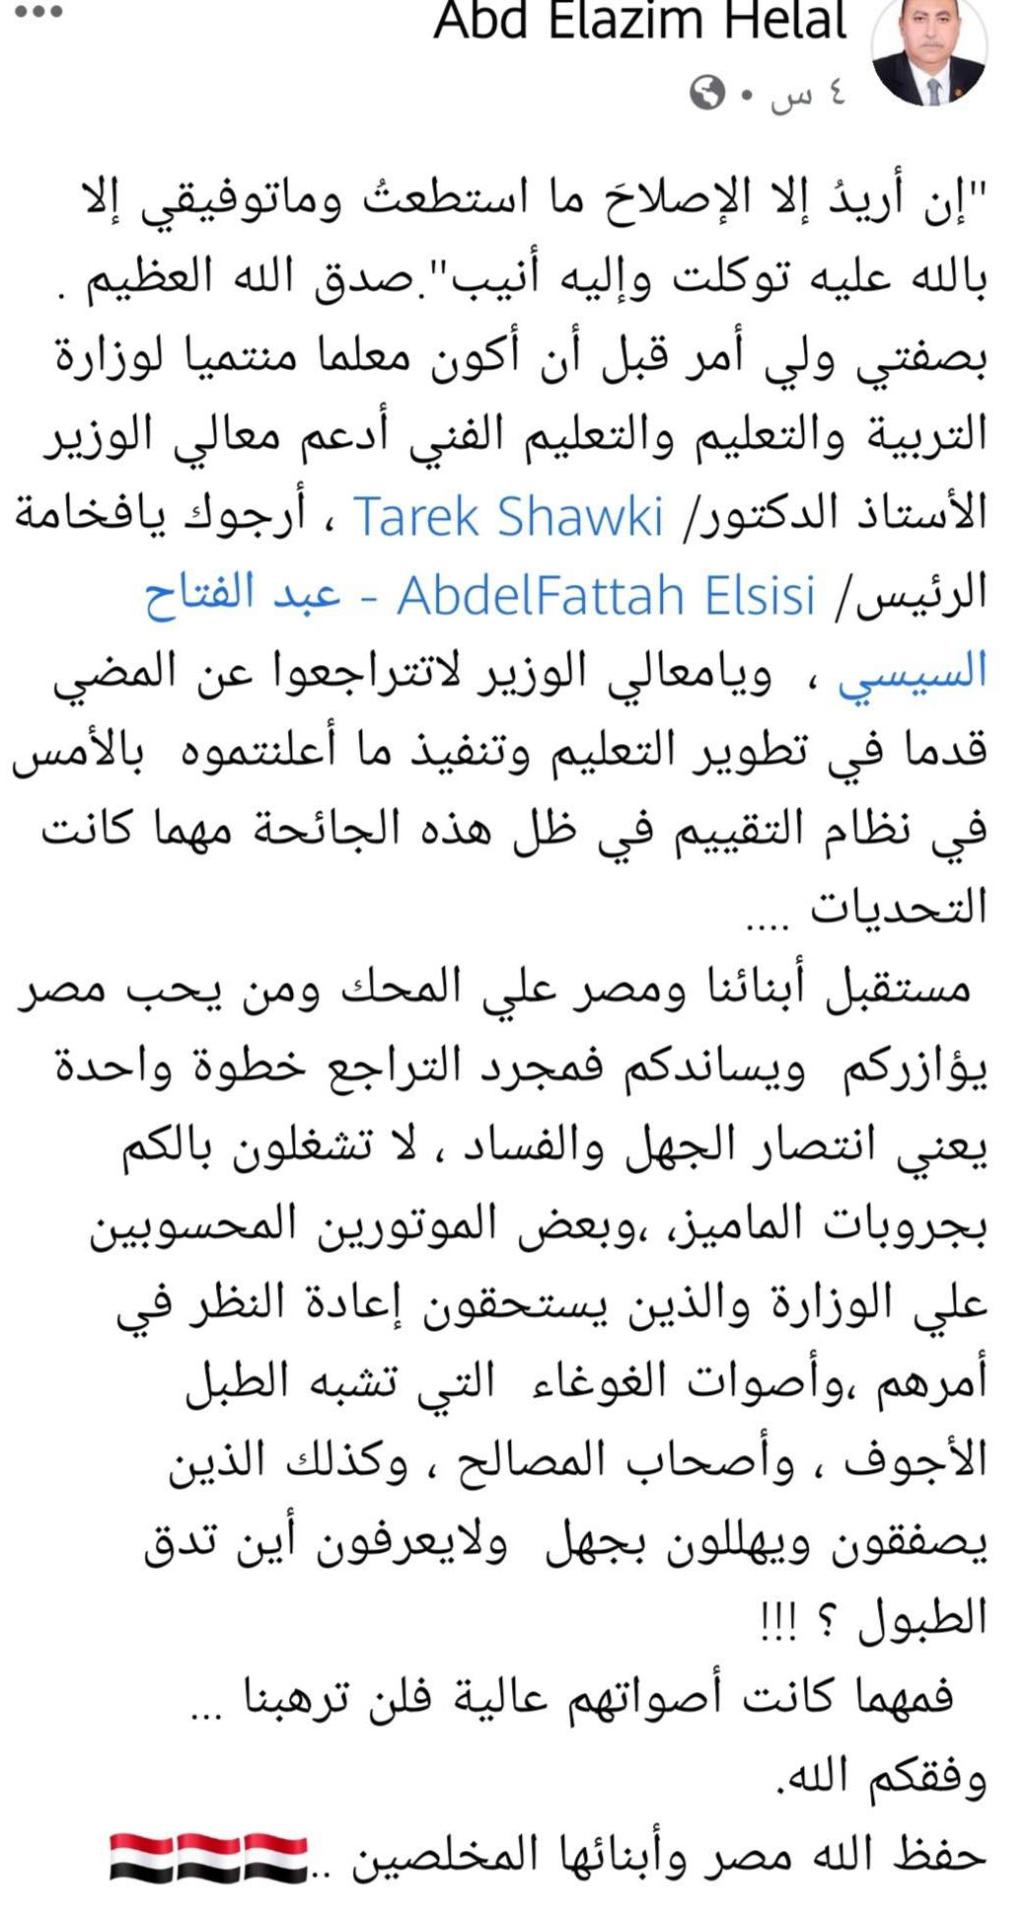 عبد العظيم هلال مهاجما الماميز واصفا لهن بالجهل والغوغائية 15090610